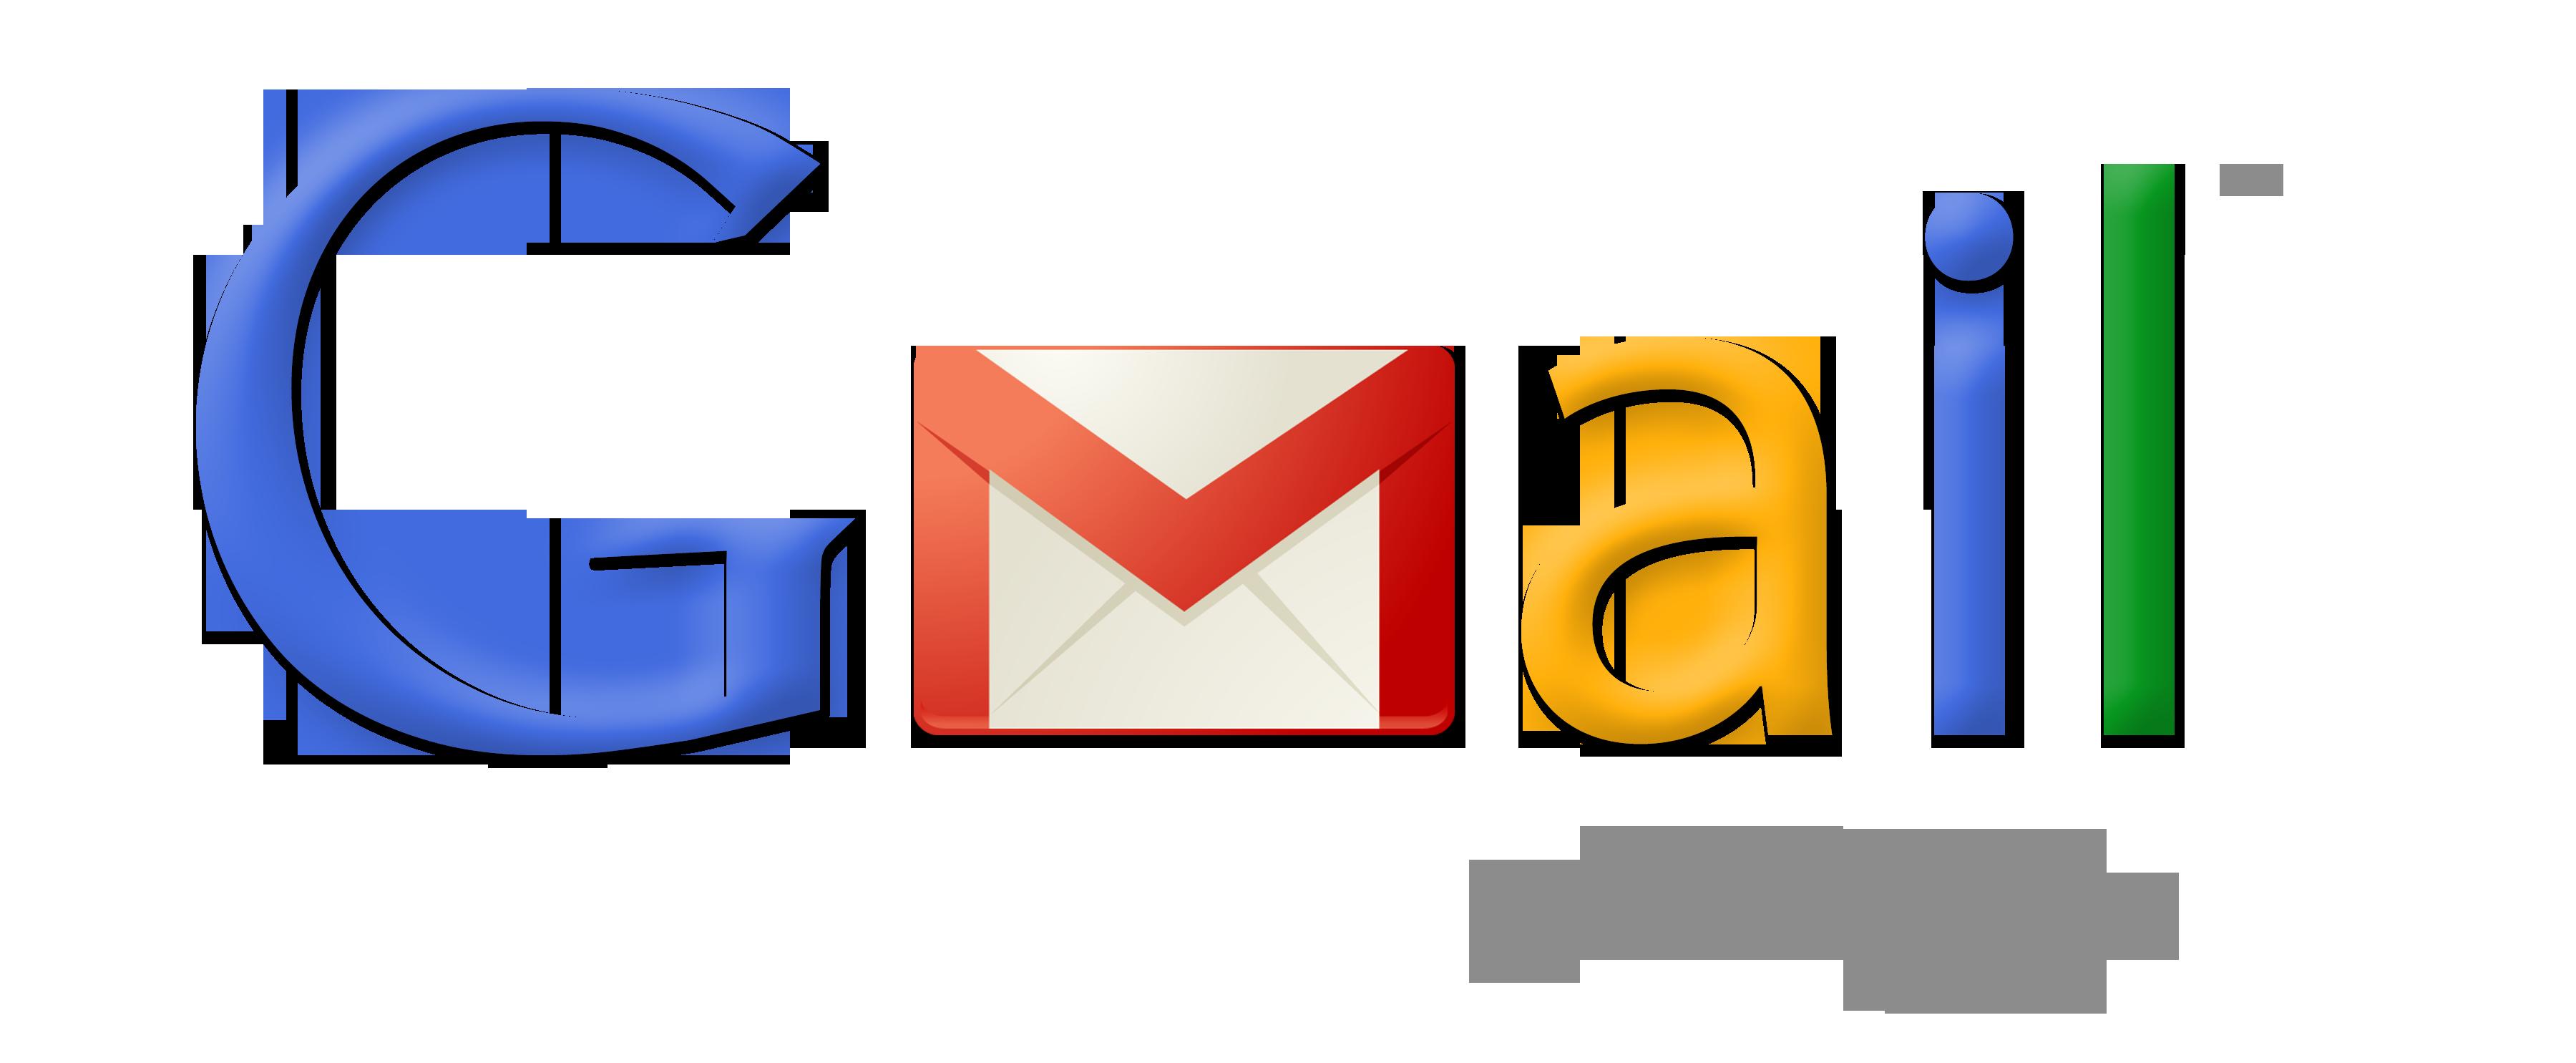 Колледж из США отсудил у экс-администратора $250000 за утерю доступа к Gmail-аккаунту организации - 1